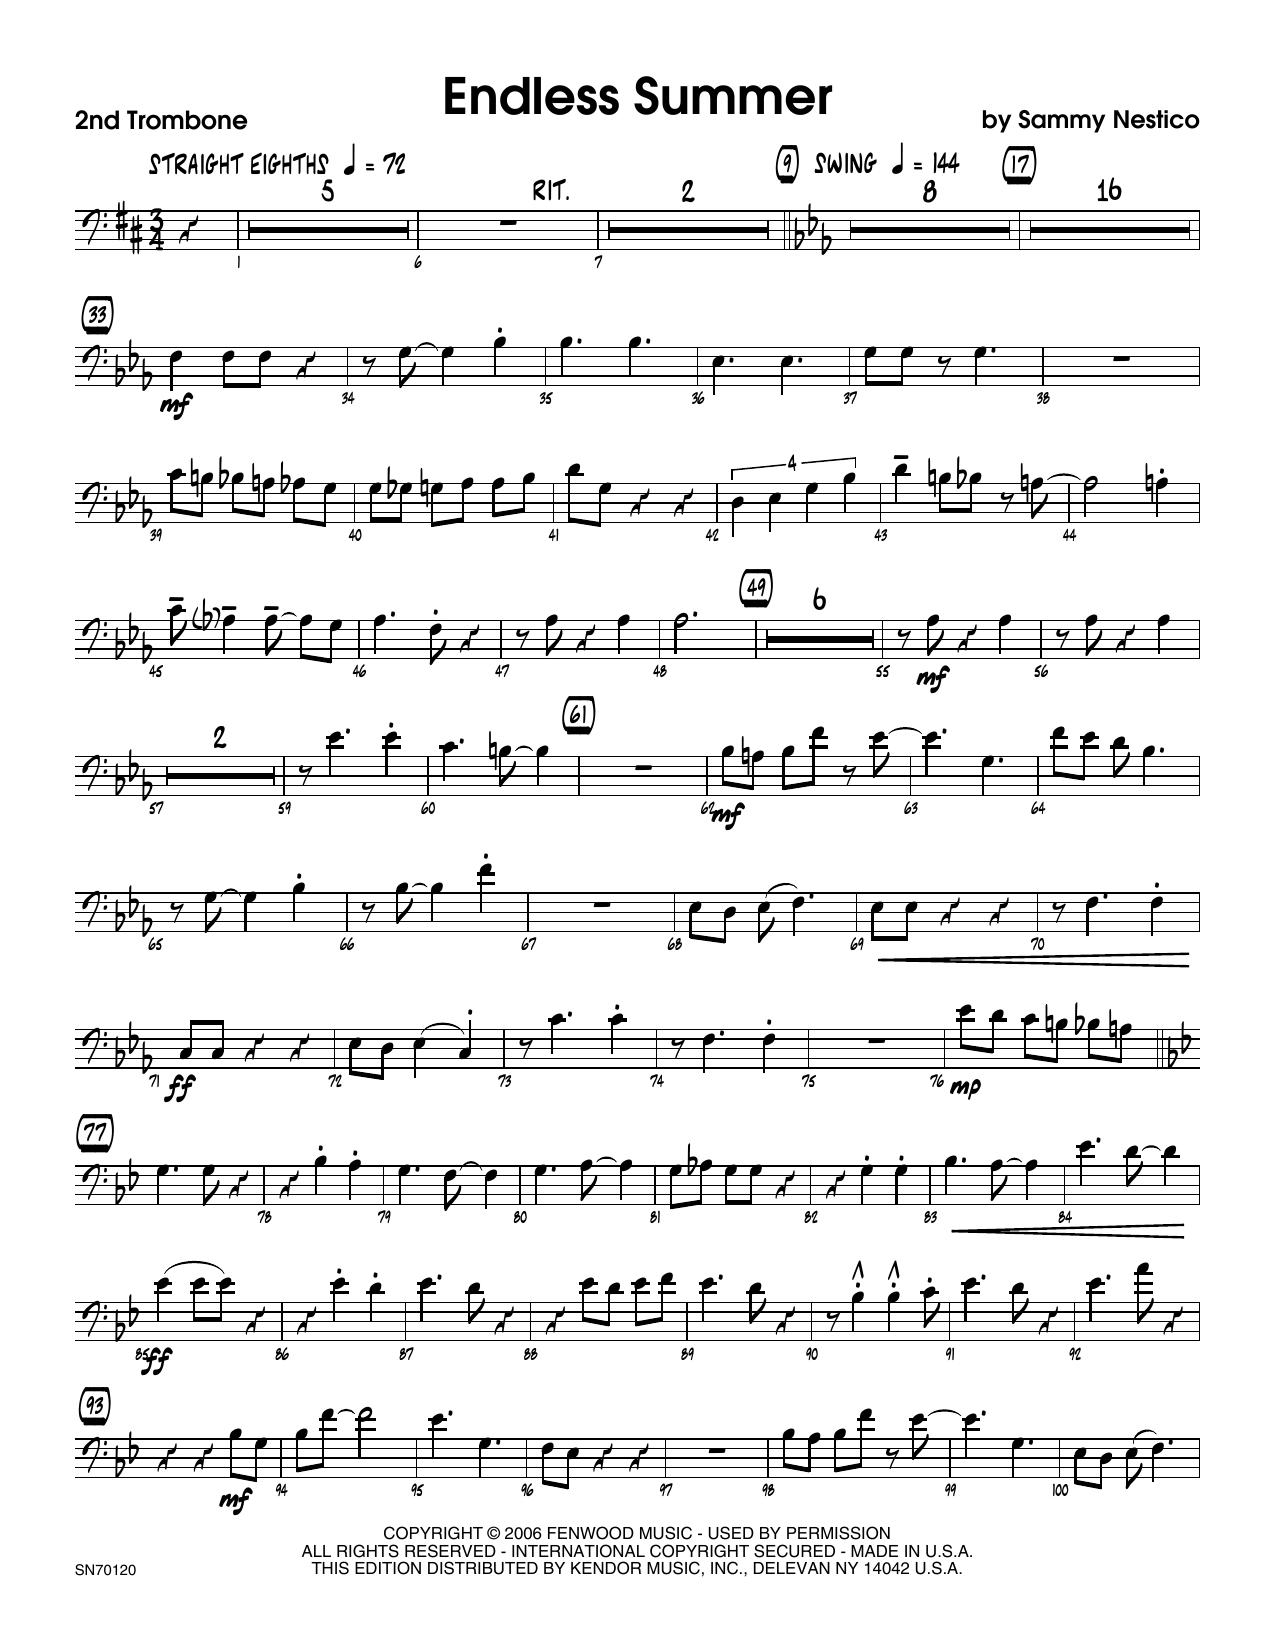 Endless Summer - 2nd Trombone Sheet Music